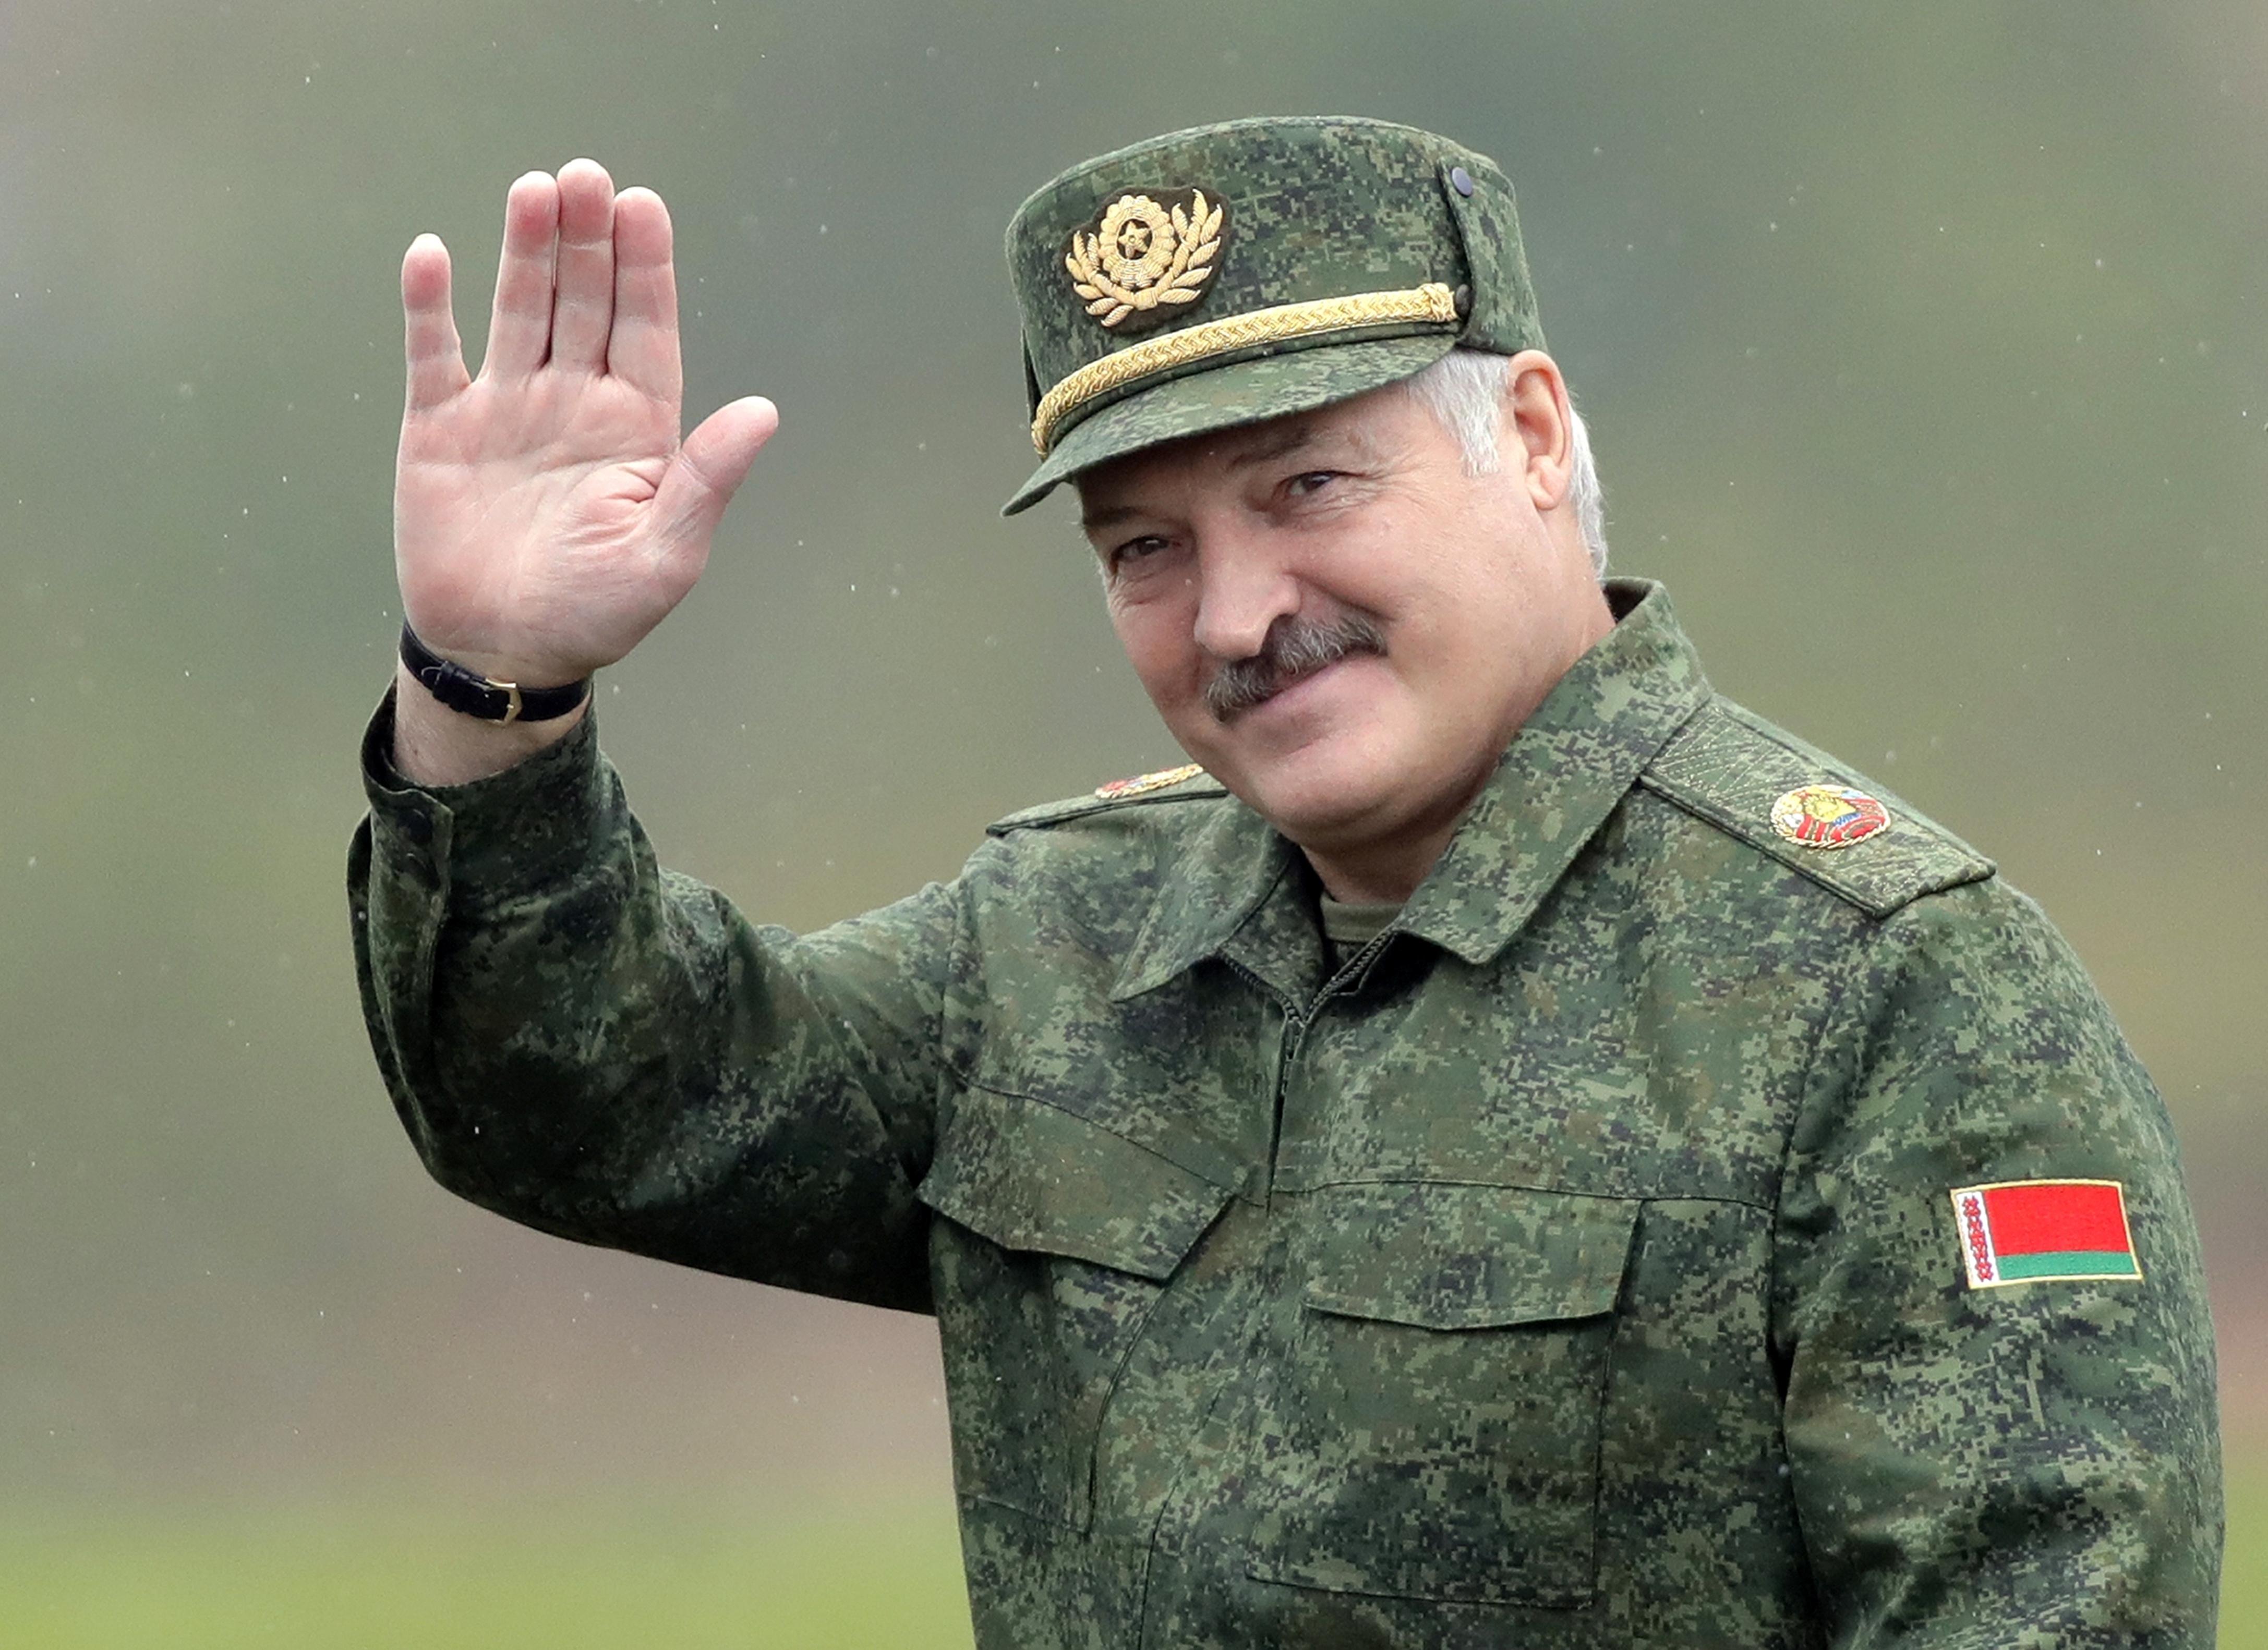 Хто з кандыдатаў на прэзыдэнта хоча быць падобным на Лукашэнку?